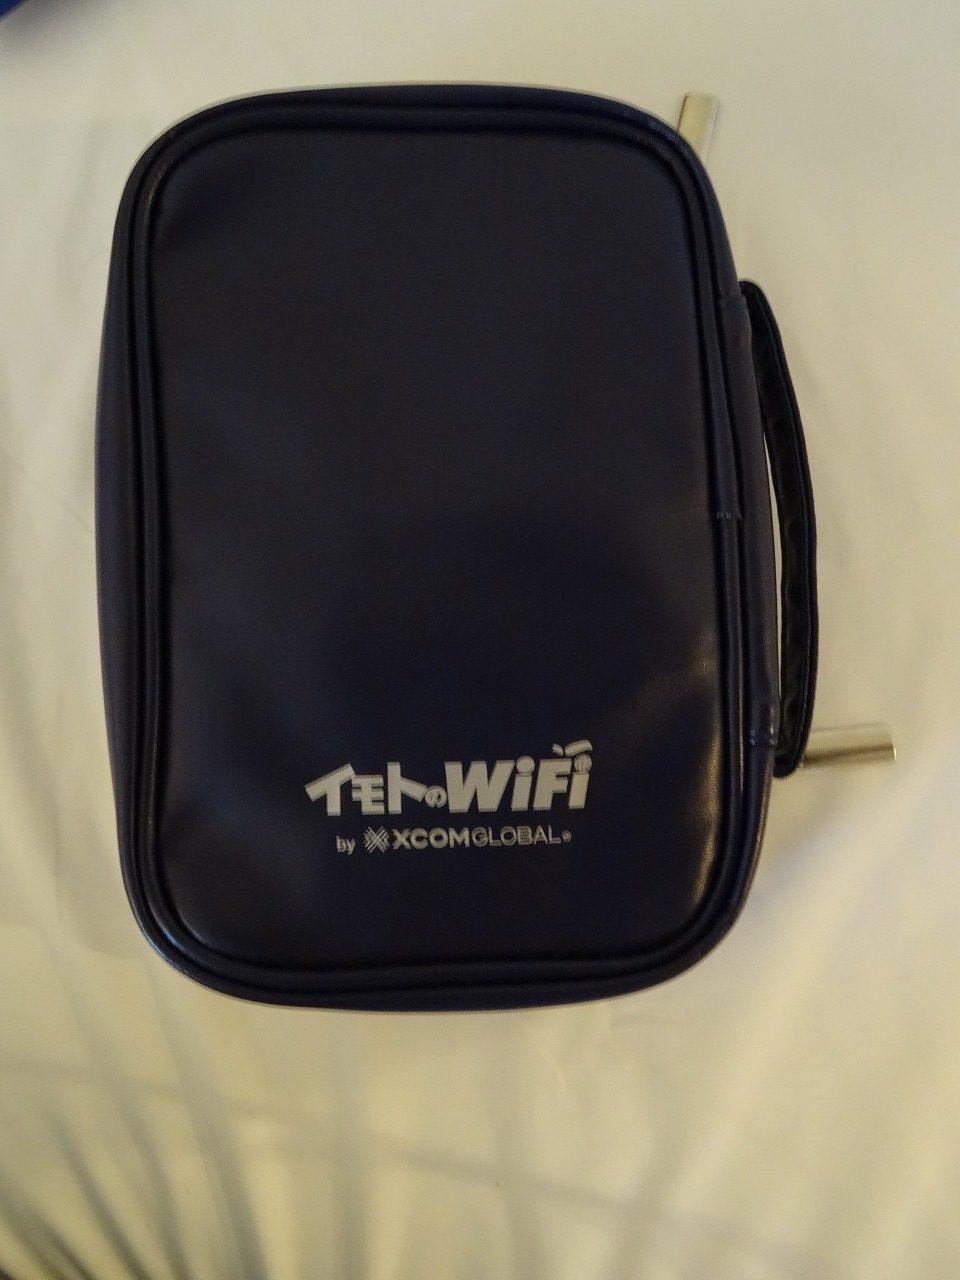 海外旅行の必需品!ベトナム・ハノイでイモトのWiFiを使ってみた